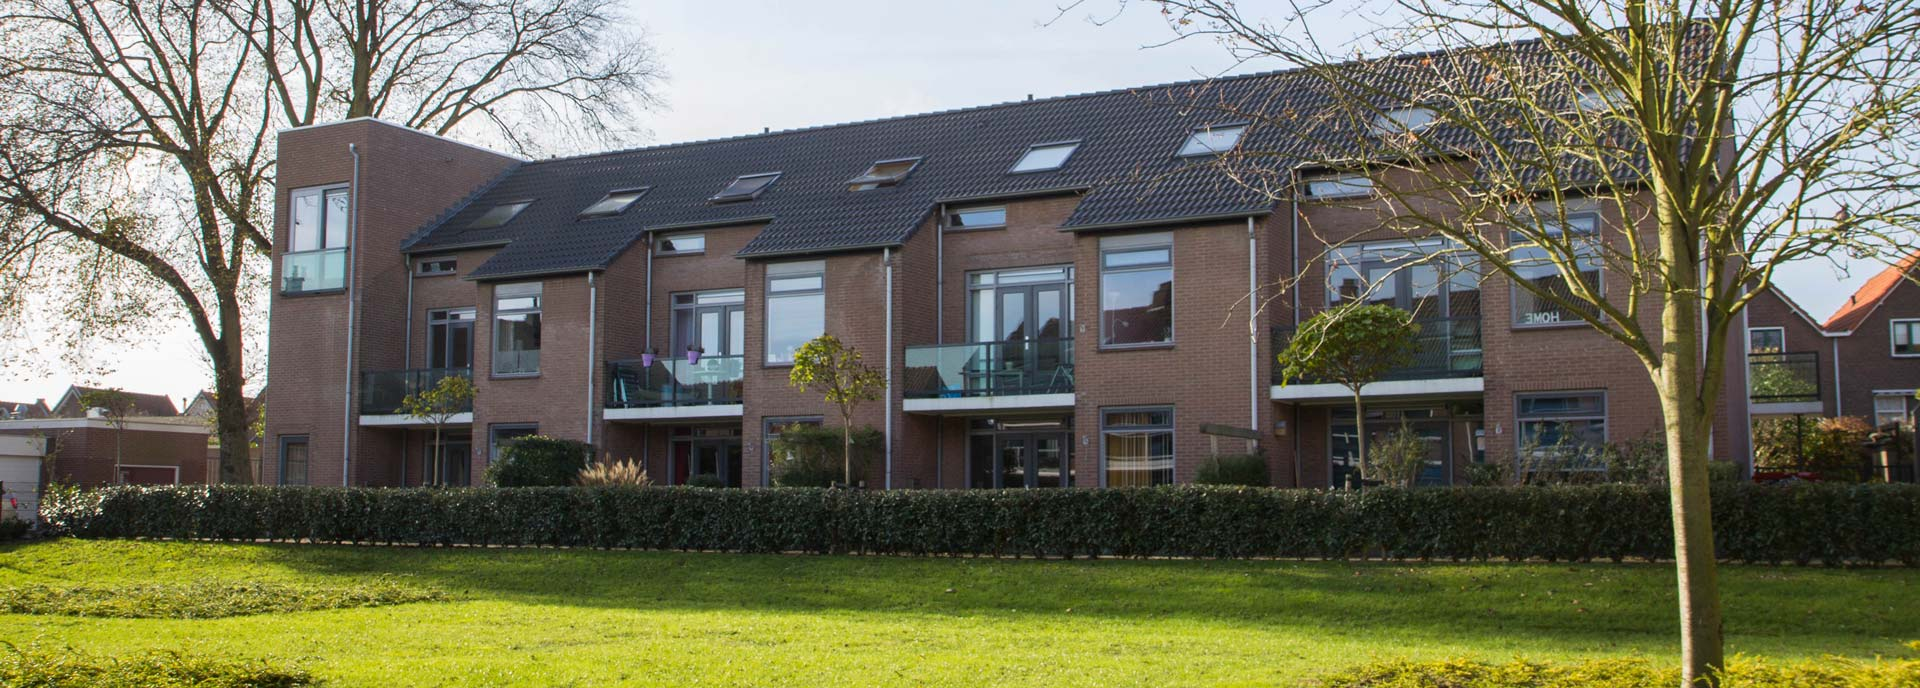 De locatie Steenrots Katwijk